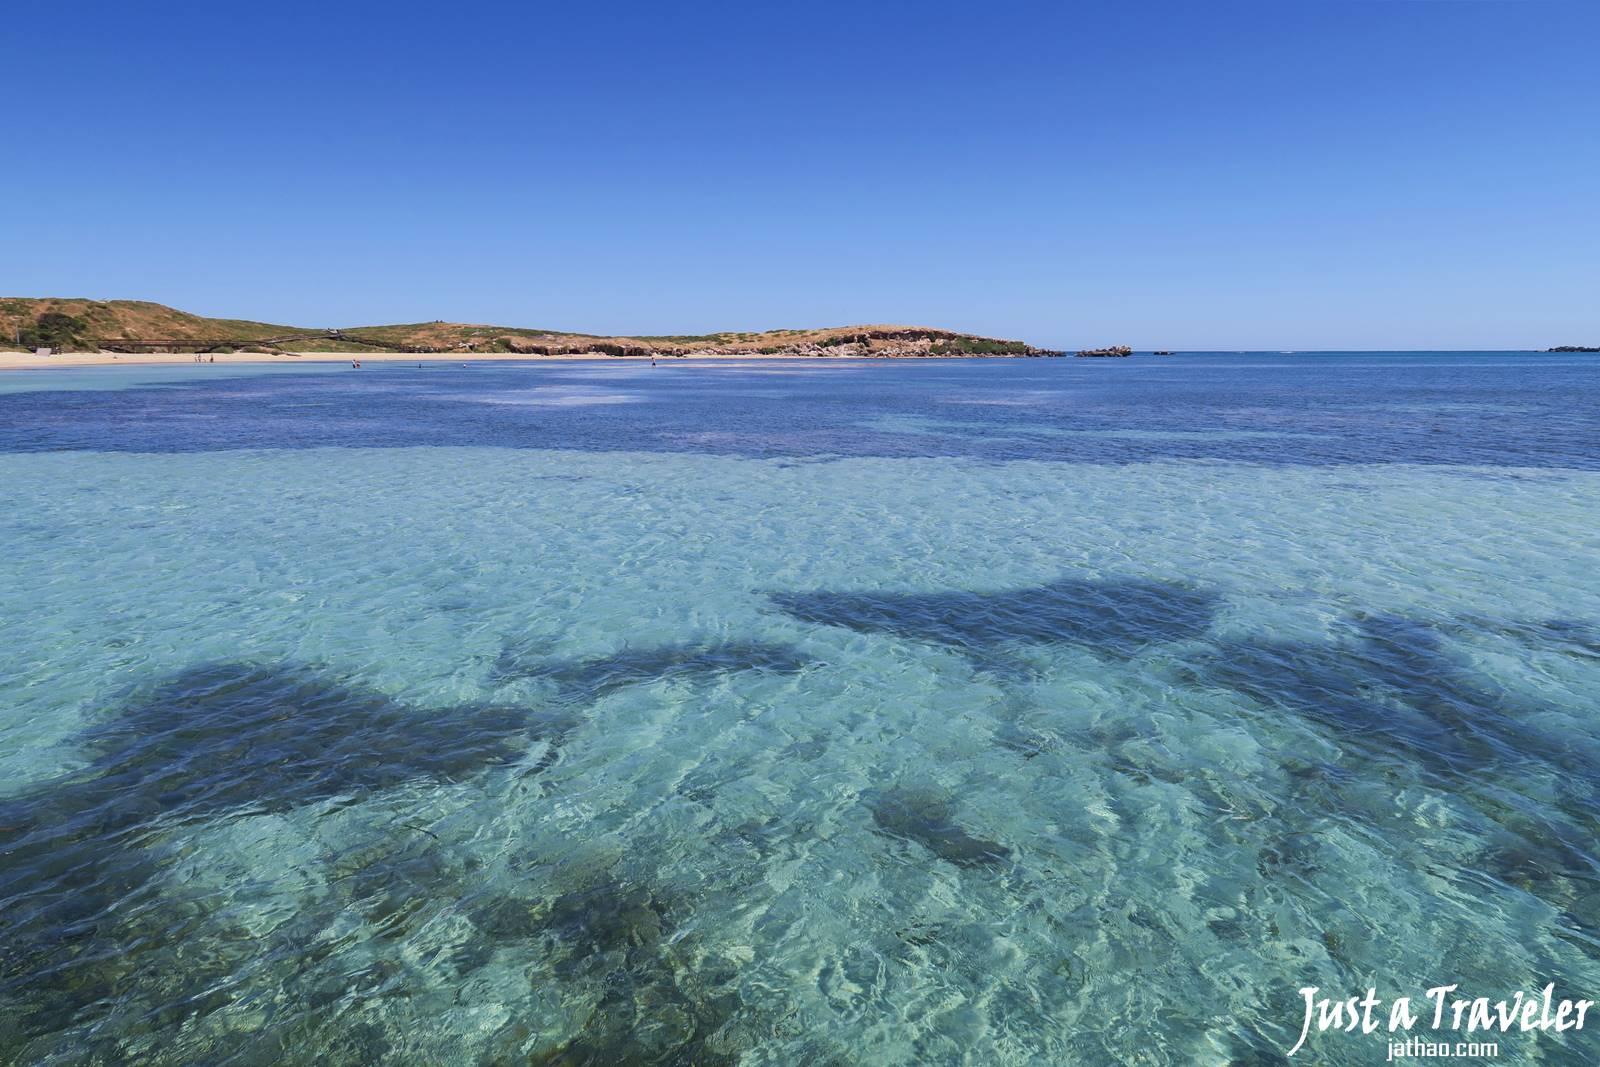 伯斯-景點-推薦-必玩-一日遊-企鵝島-Penguin-Island-遊記-交通-渡輪-旅遊-自由行-Perth